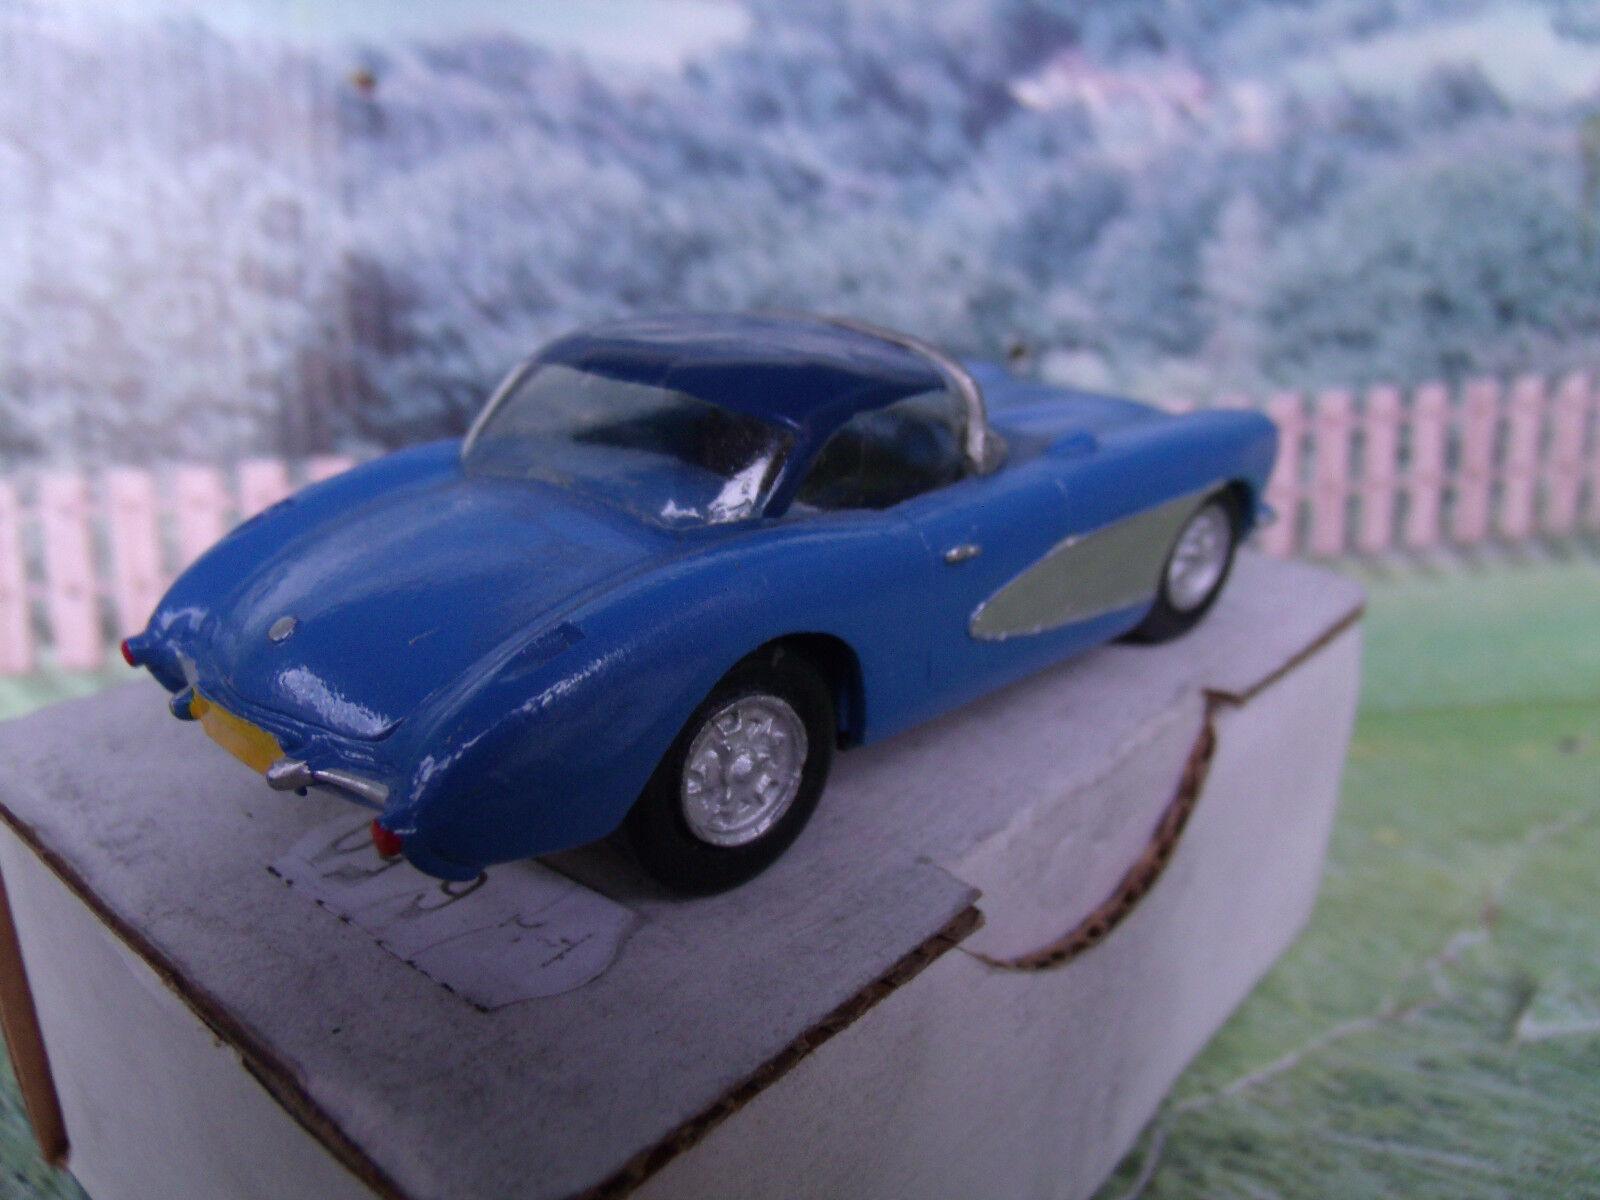 1 43 Fabricante Desconocido Chevrolet Chevrolet Chevrolet Corvette 1956 Metal blancoo coche modelo e8b37d